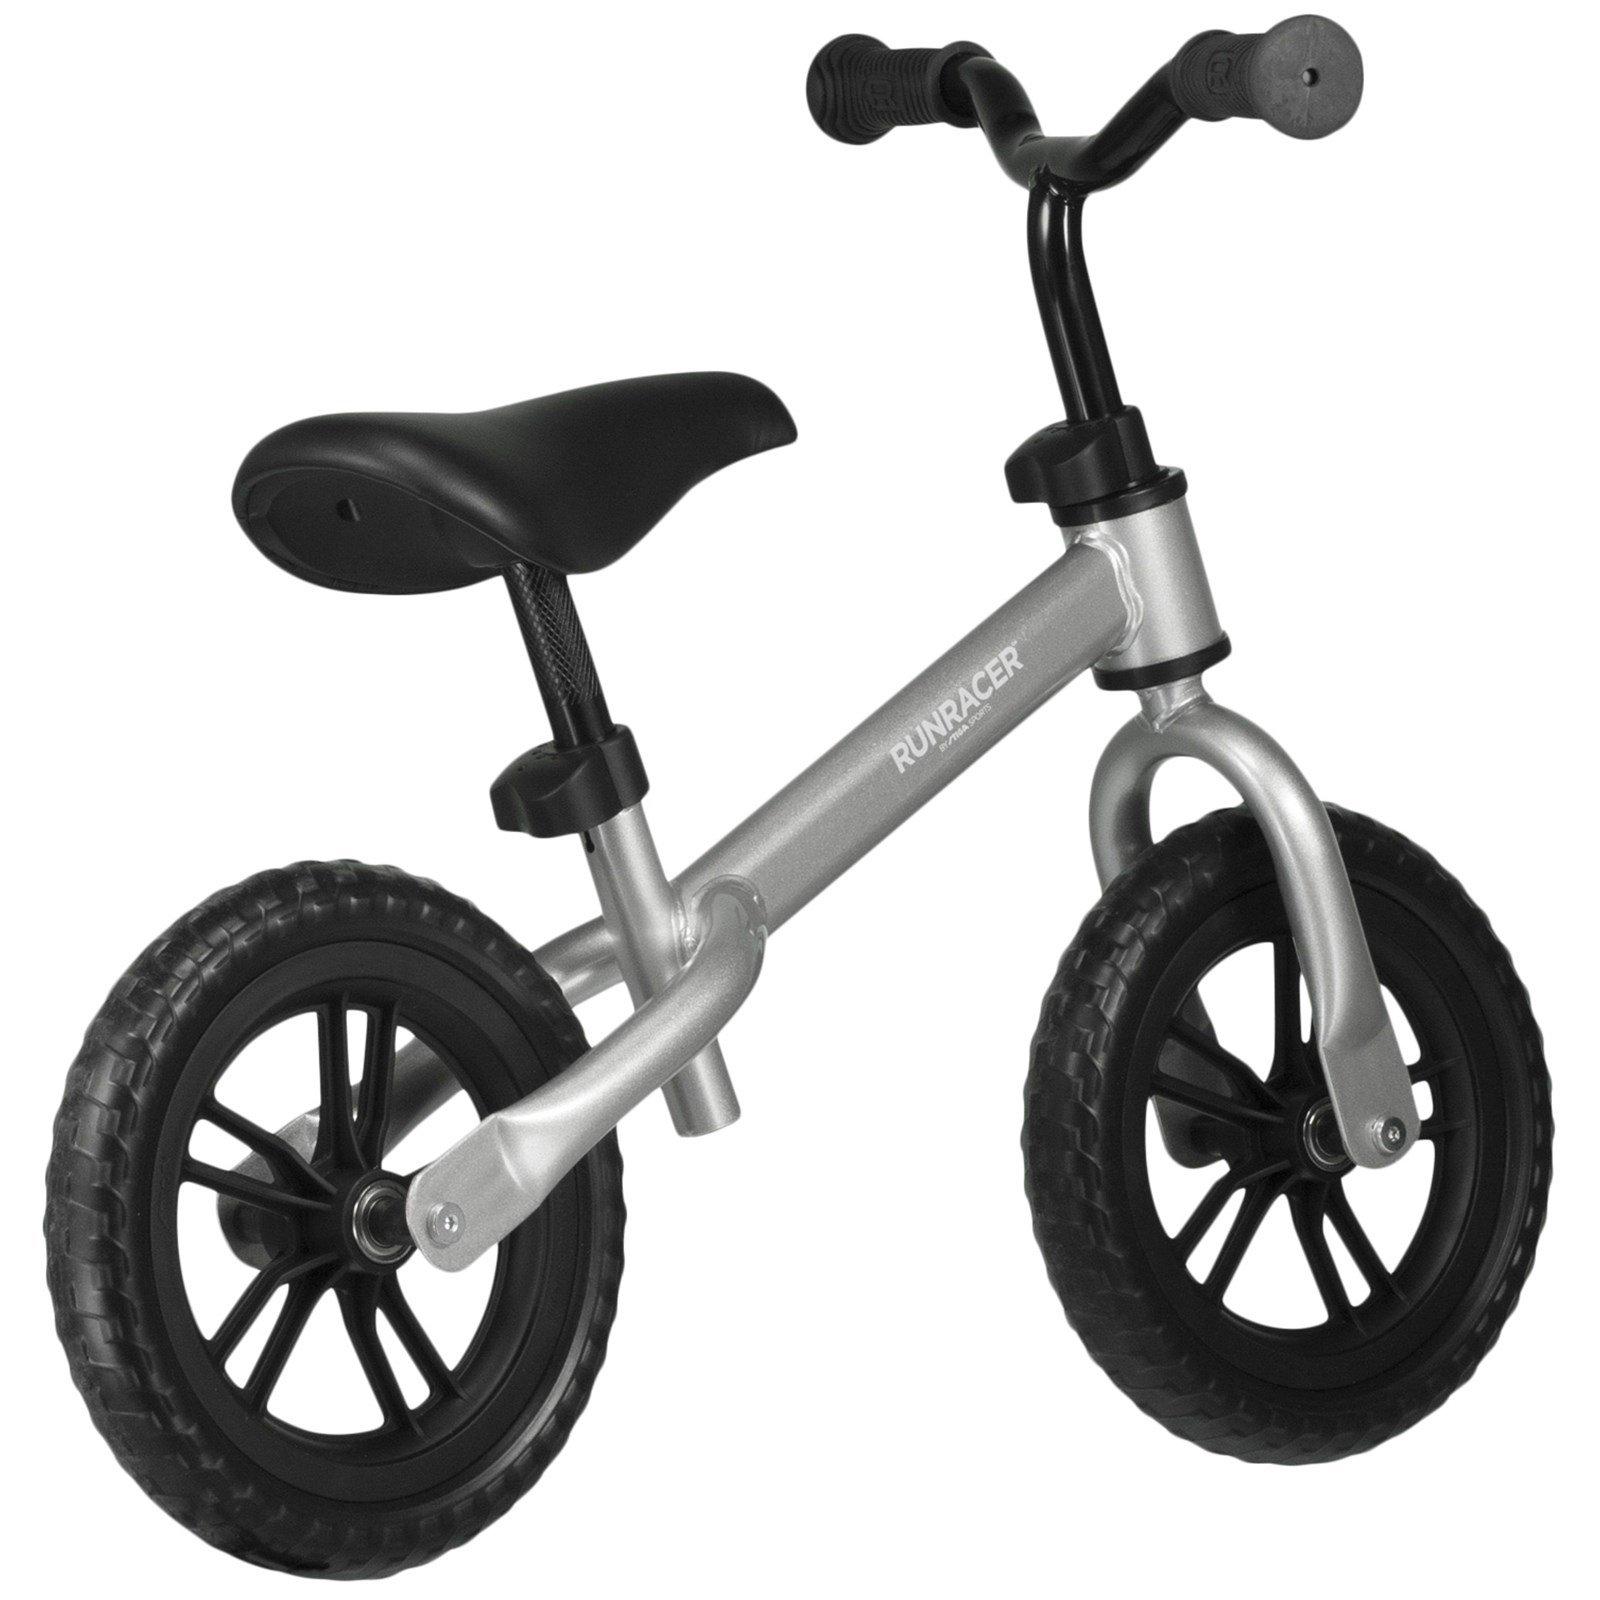 Bra och prisvärd balanscykel